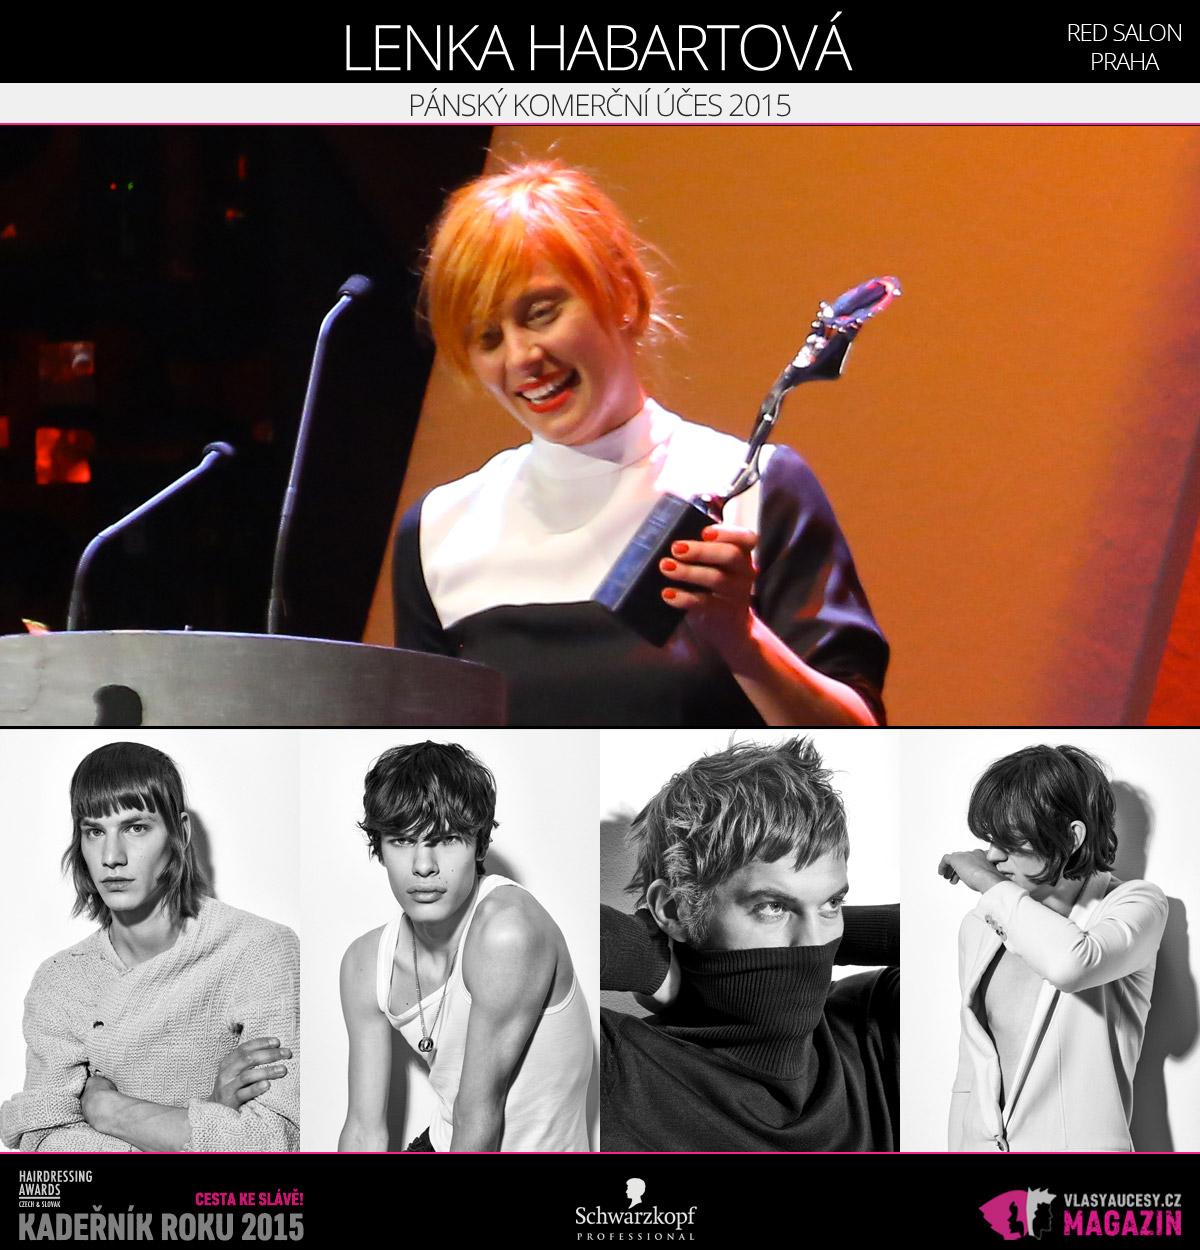 Vítězem v kategorii Pánský komerční účes Czech and Slovak Hairdressing Awards 2015 je Lenka Habartová ze salonu RED salon v Praze.